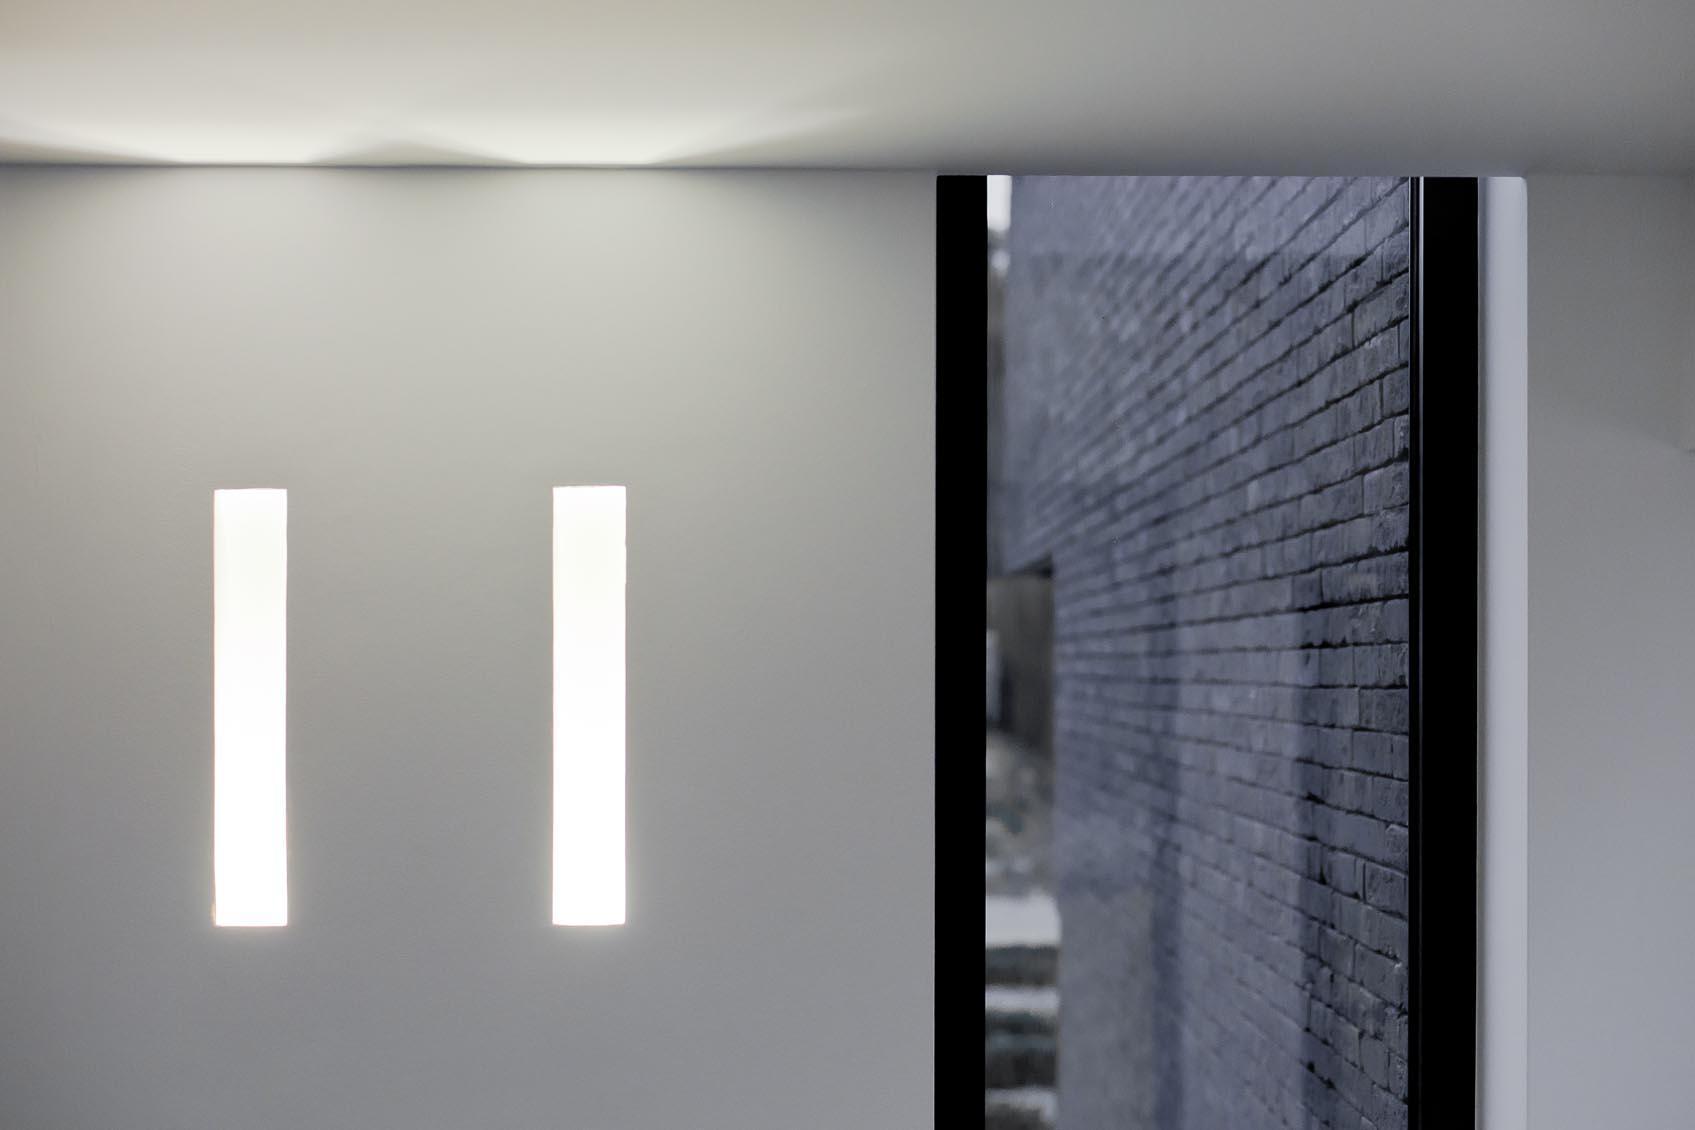 strakke lichtoplossing door naadloze inbouw wandlamp in plaaster voor nieuwbouwwoning